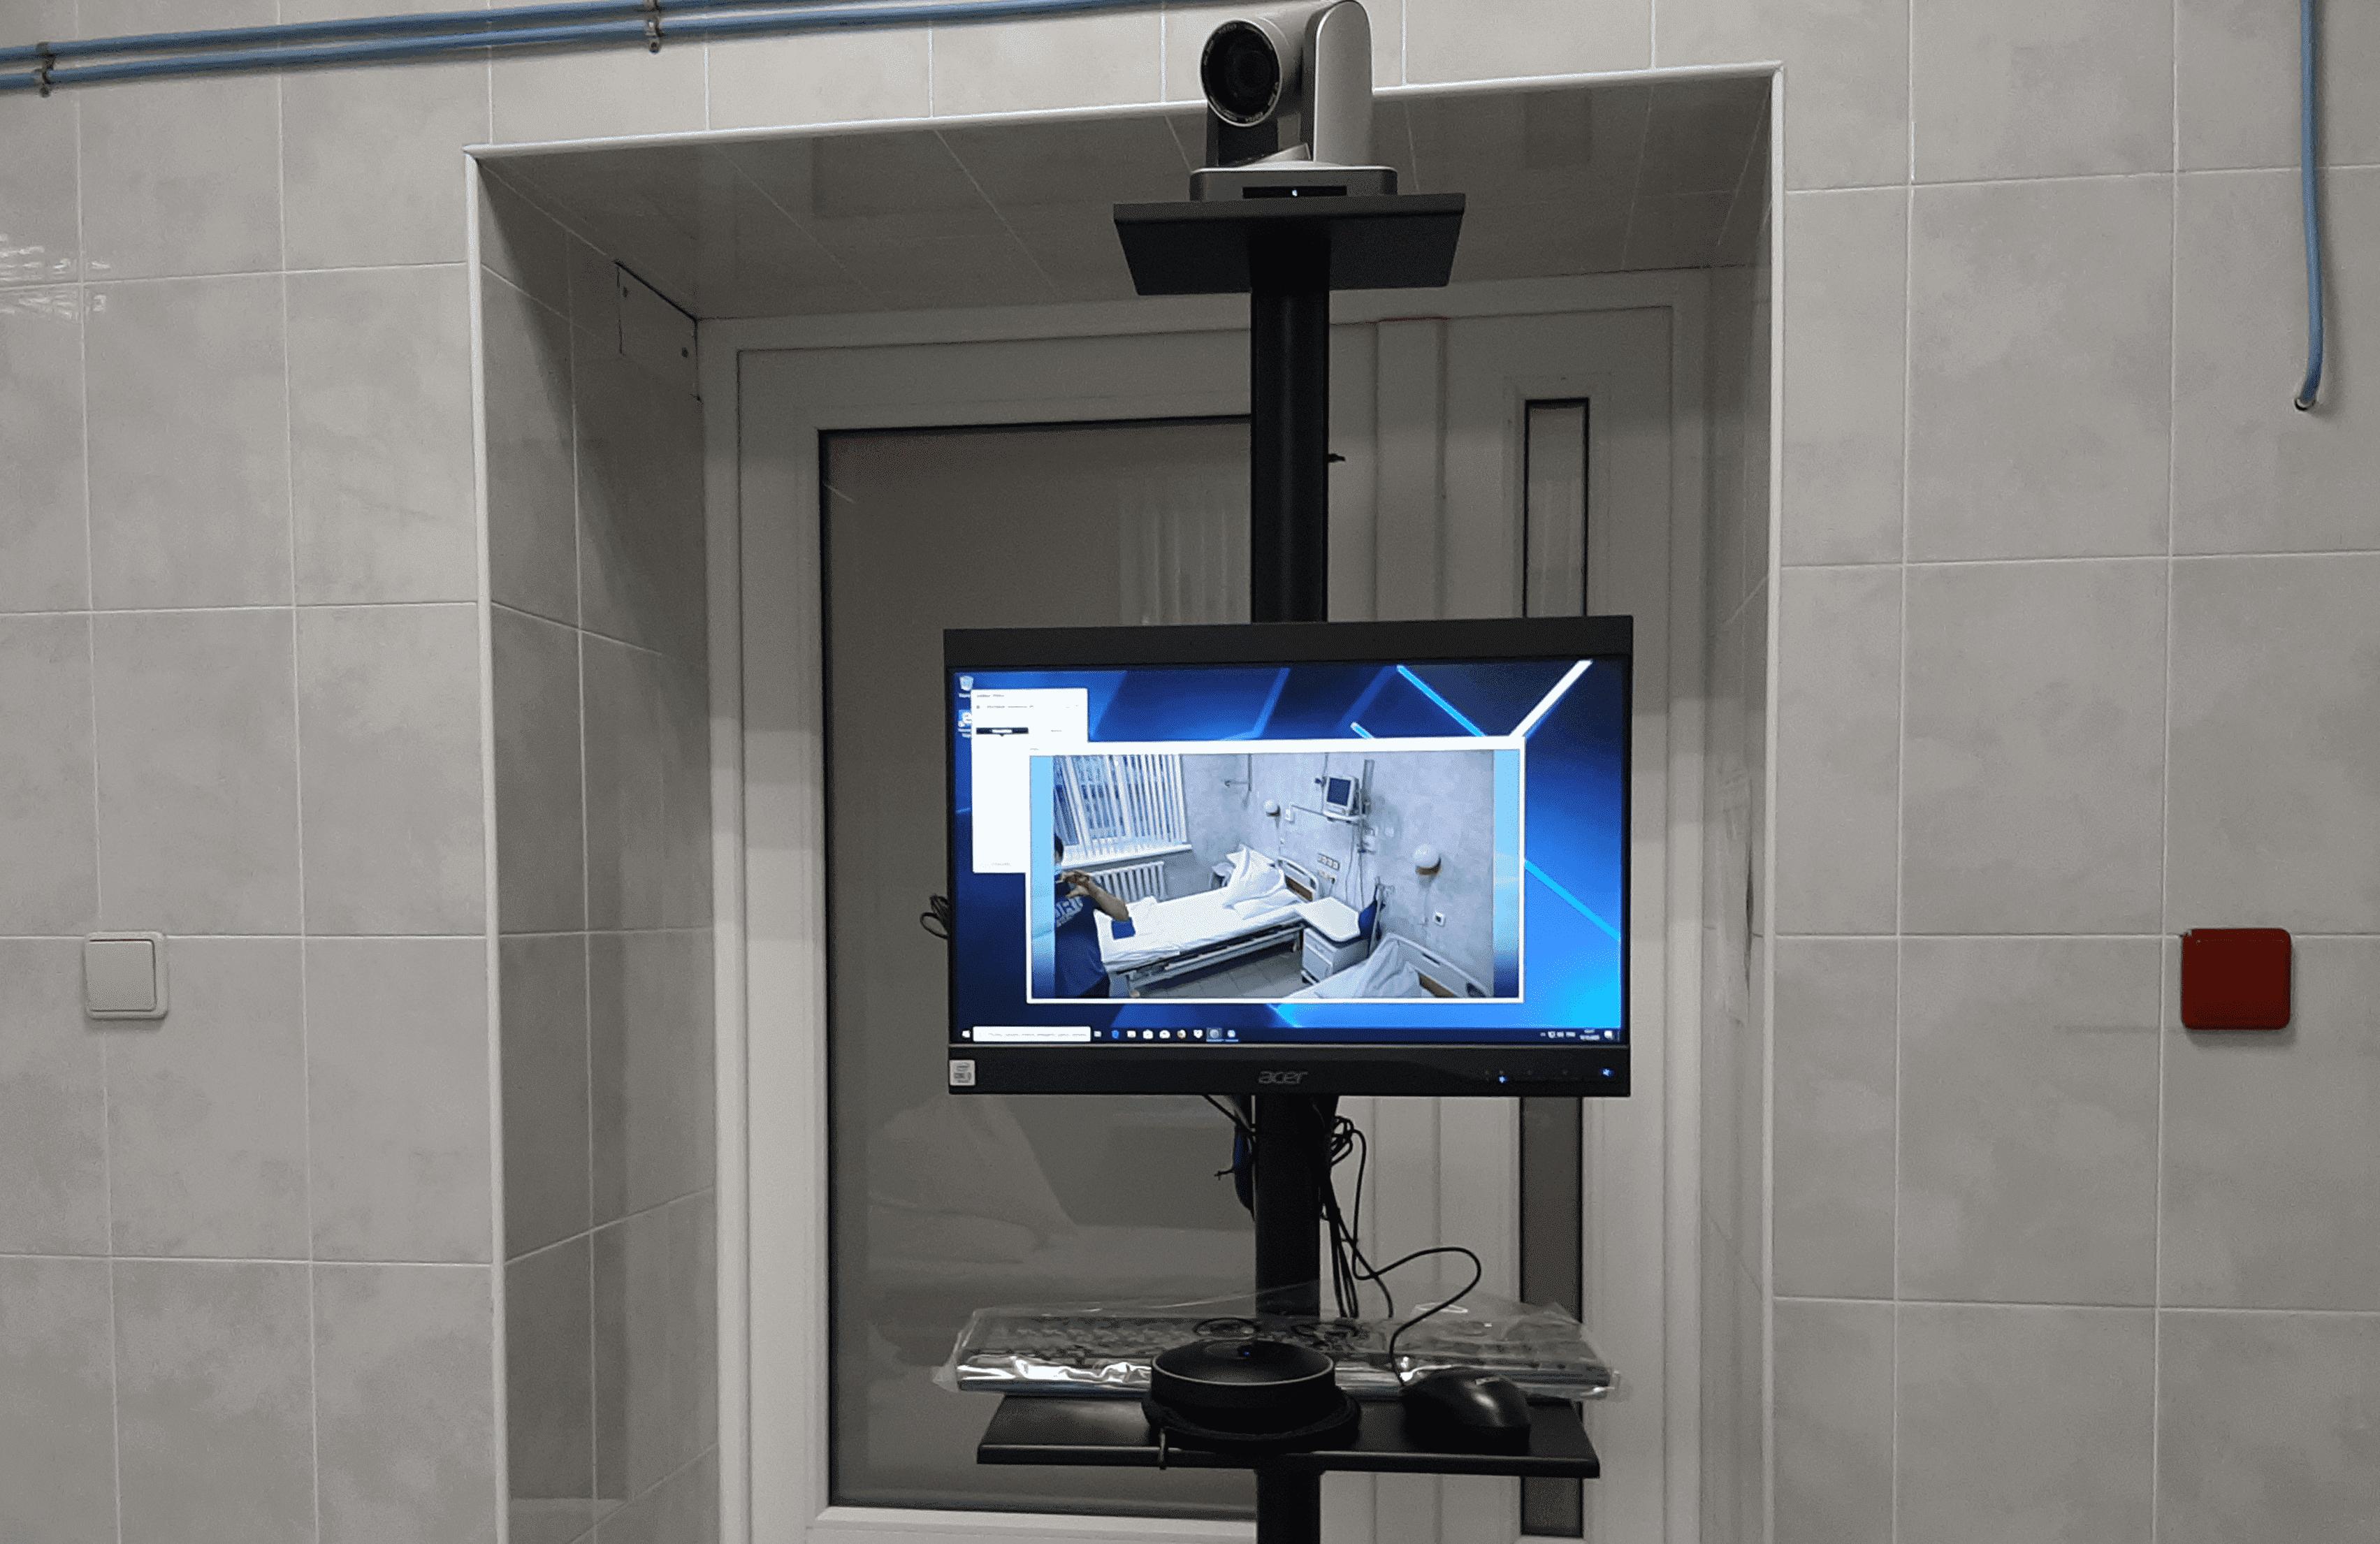 Спикерфон в составе программно-аппаратного видеотерминала